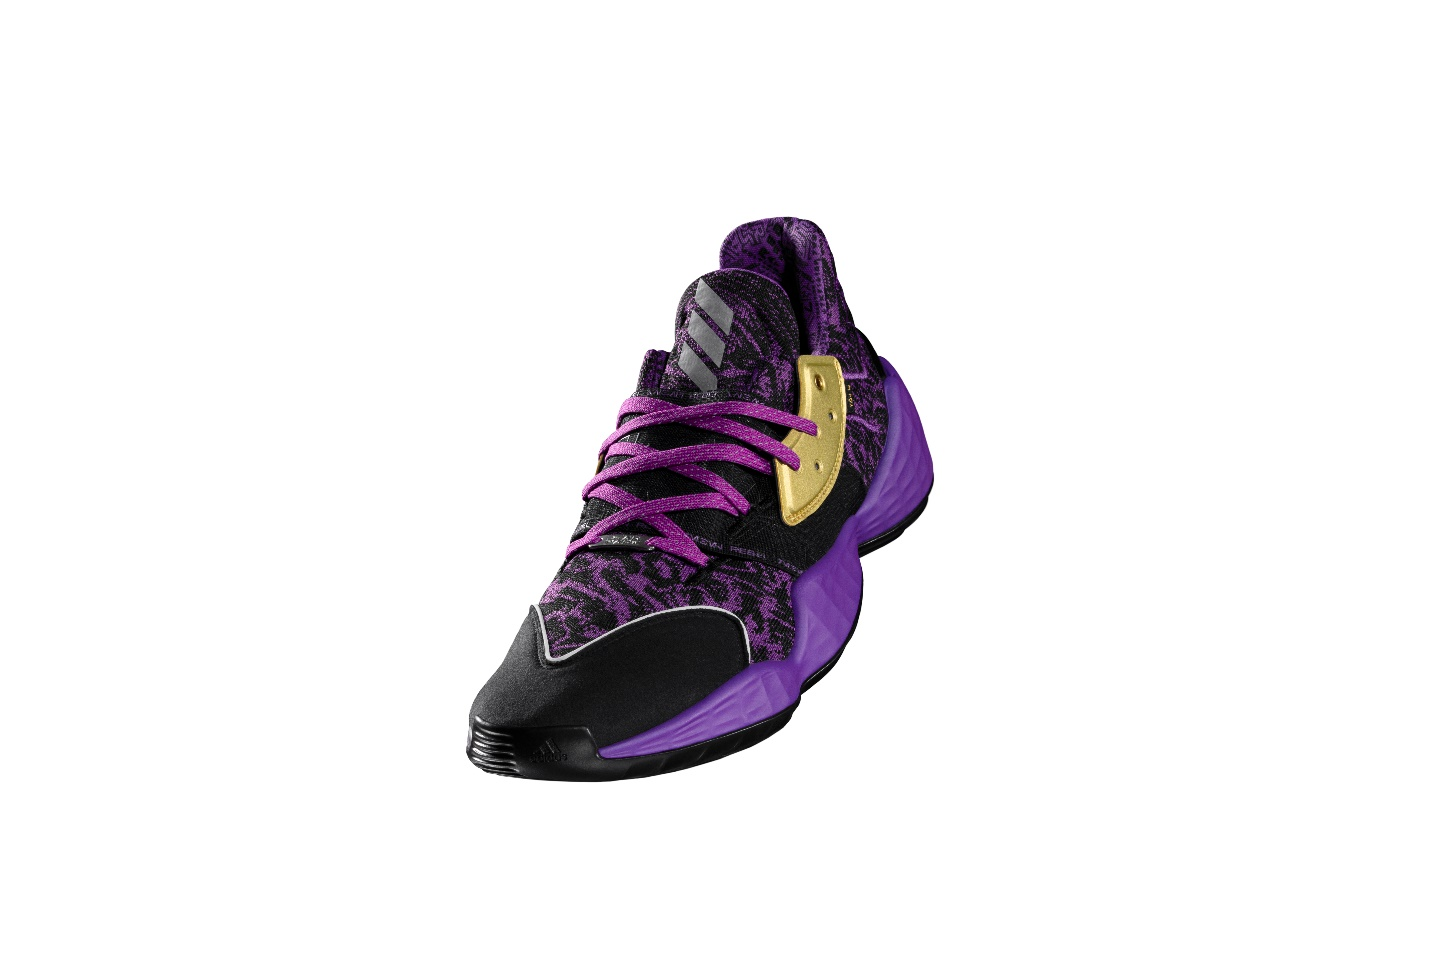 阿迪达斯篮球携手STARWARS发售新系列篮球鞋